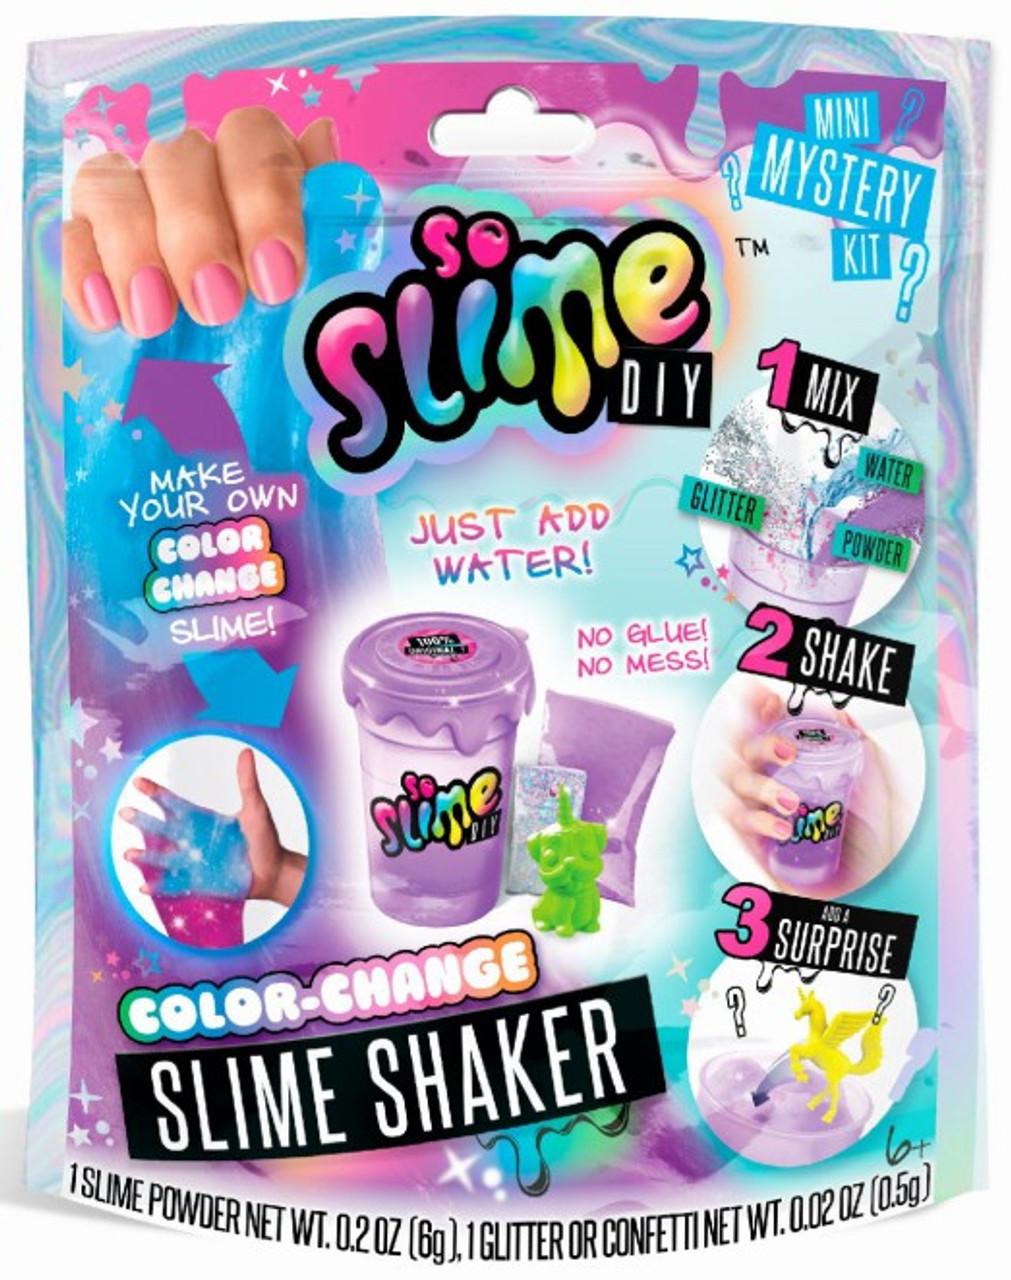 fd73bcf8f00b1 So Slime DIY Slime Shaker Color Change Mini Mystery Kit Pack